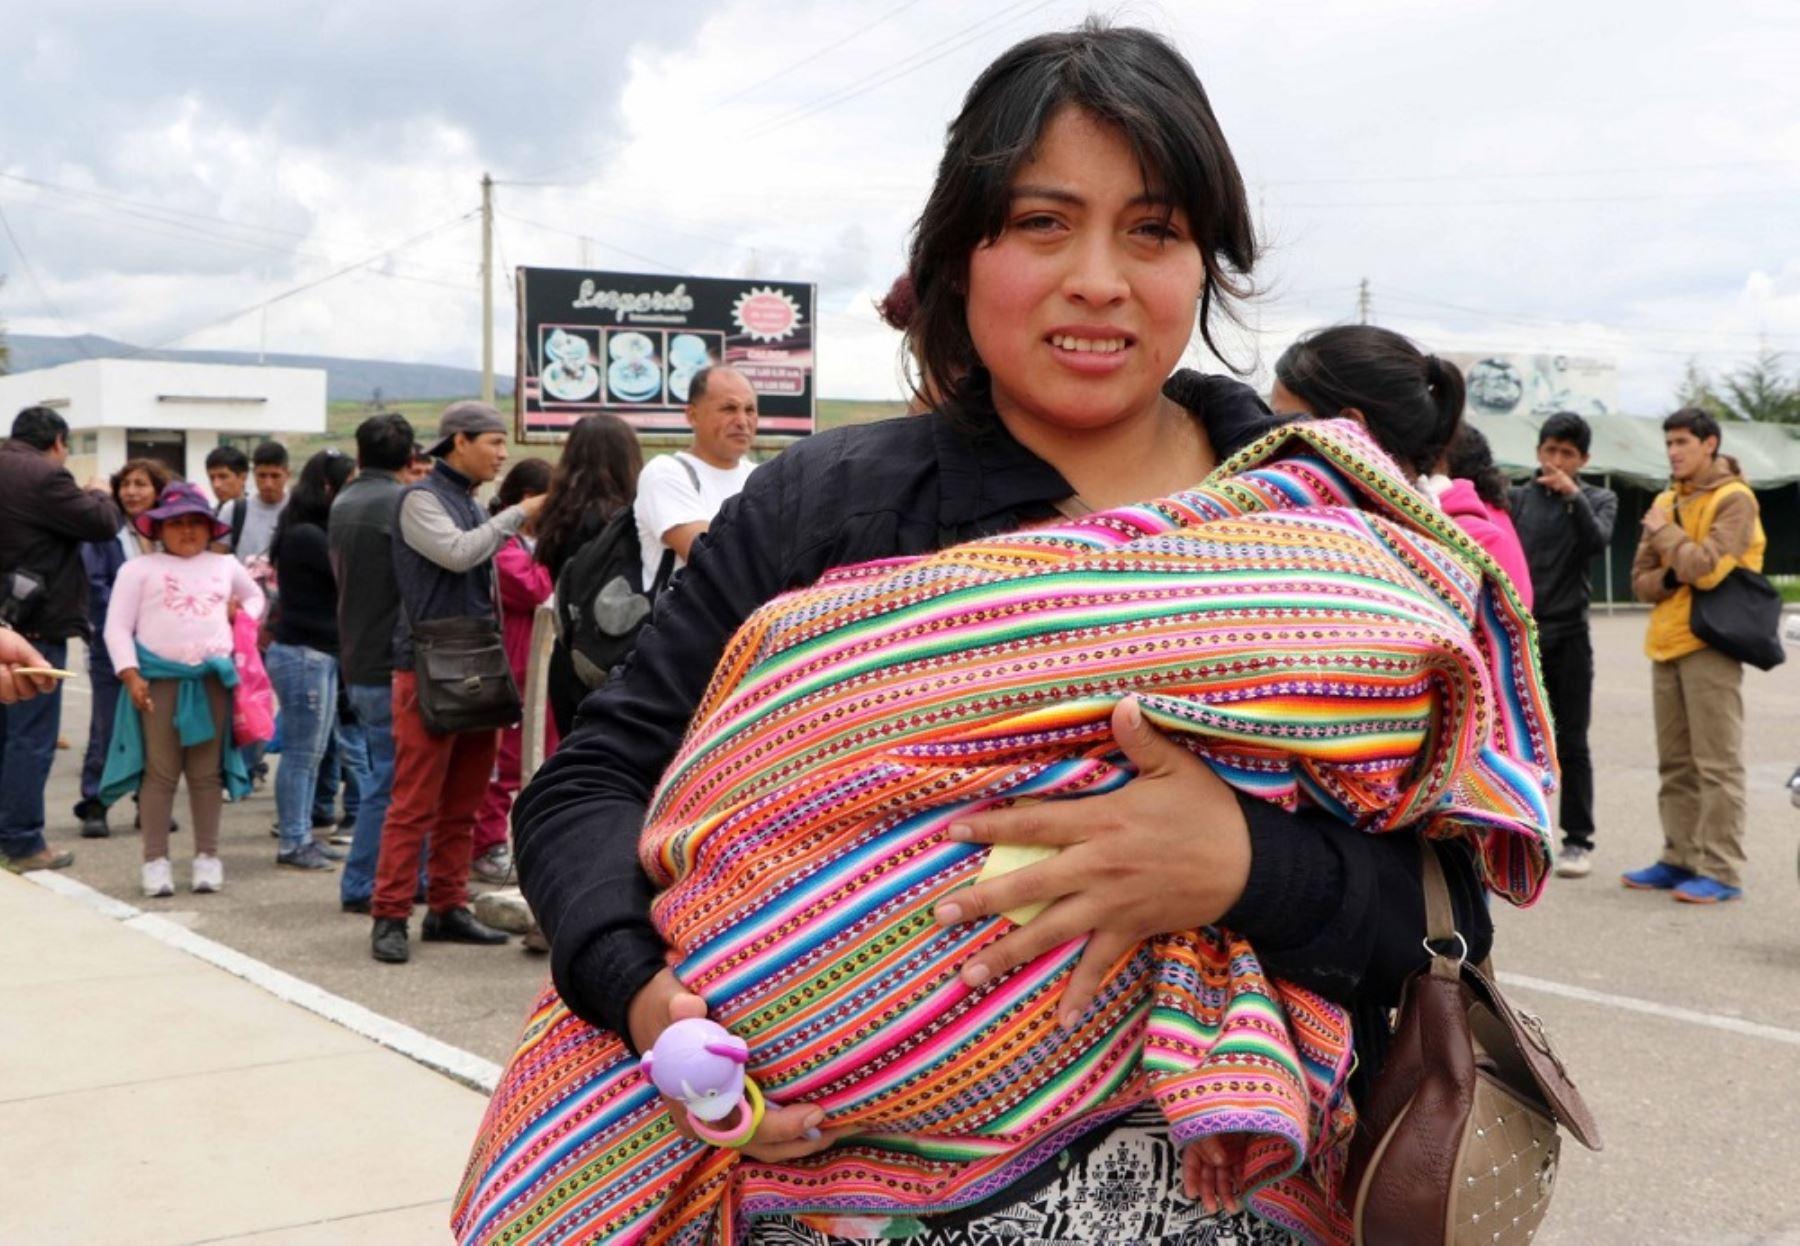 La Fuerza Aérea del Perú (FAP) trasladó hasta el momento a más de 1,400 personas en el puente aéreo entre Chiclayo, Piura, Trujillo y Lima, instaurado en la víspera para ayudar a las personas de esas regiones donde las carreteras resultaron afectadas por las torrenciales lluvias.